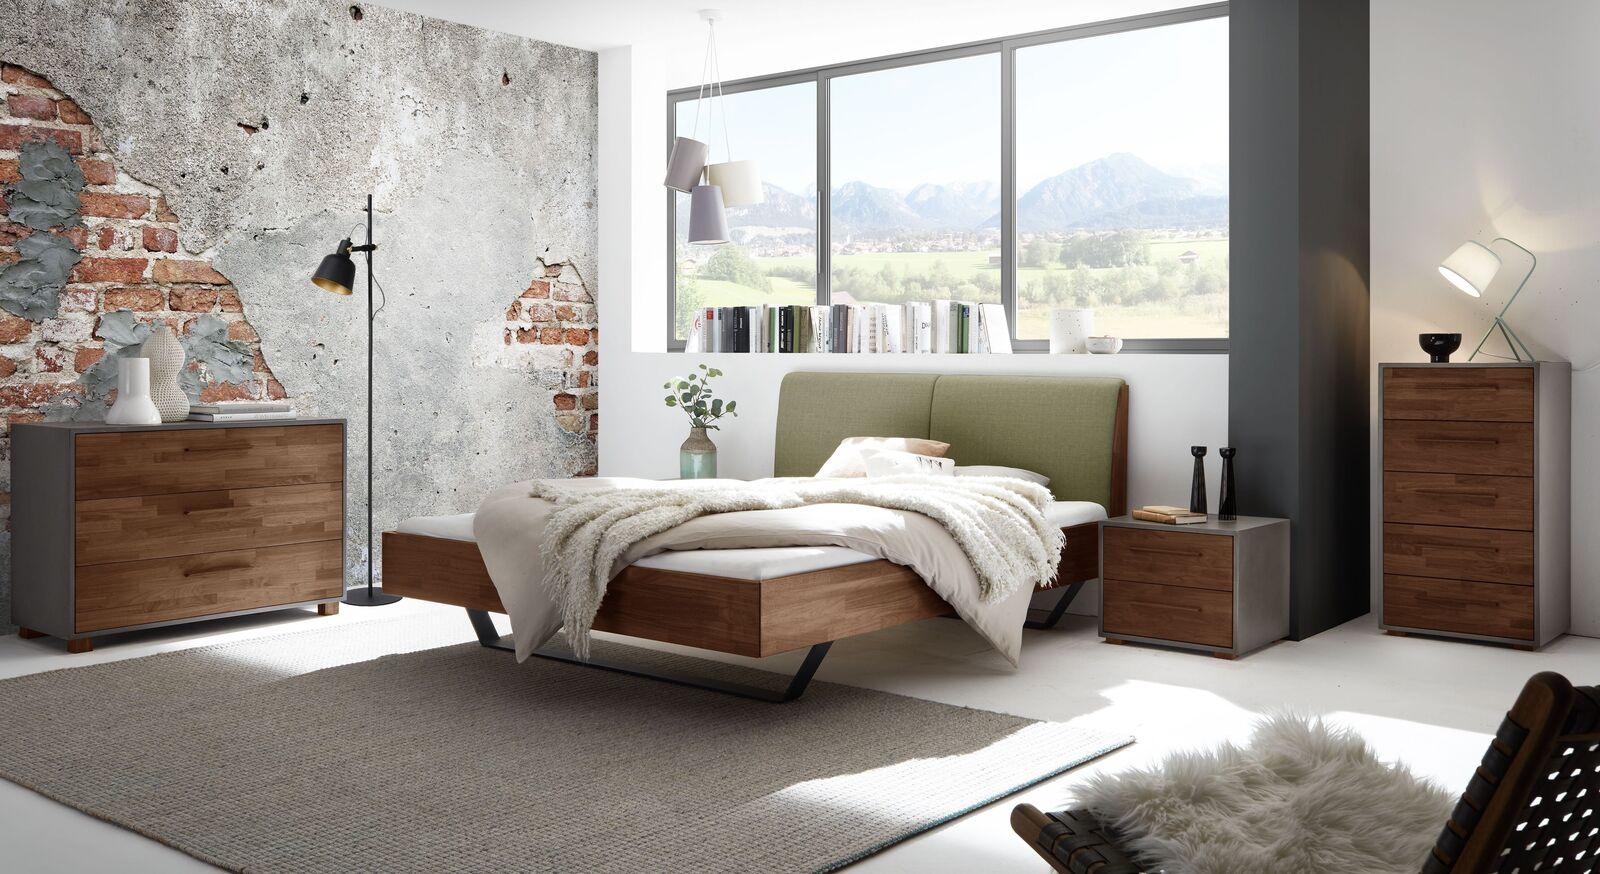 Bett Locurio mit passenden Beimöbeln fürs Schlafzimmer